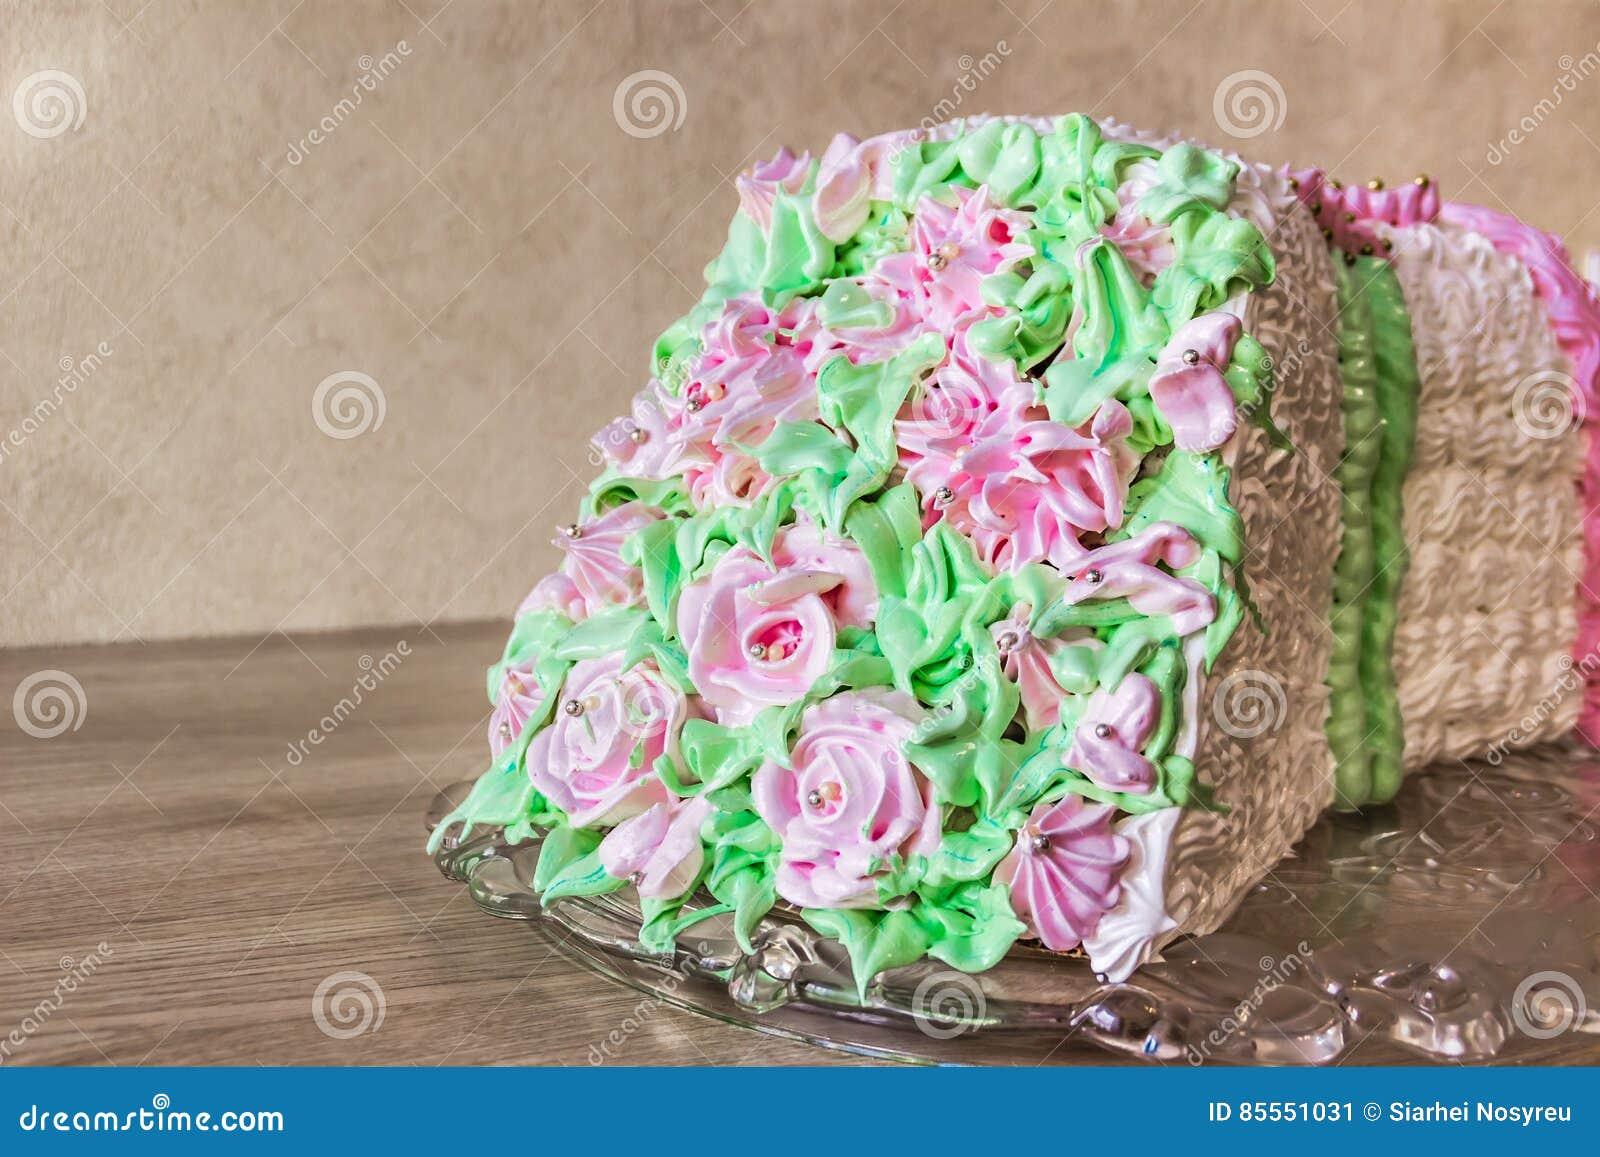 Schwammkuchen in Form eines Blumenstraußes von Blumen